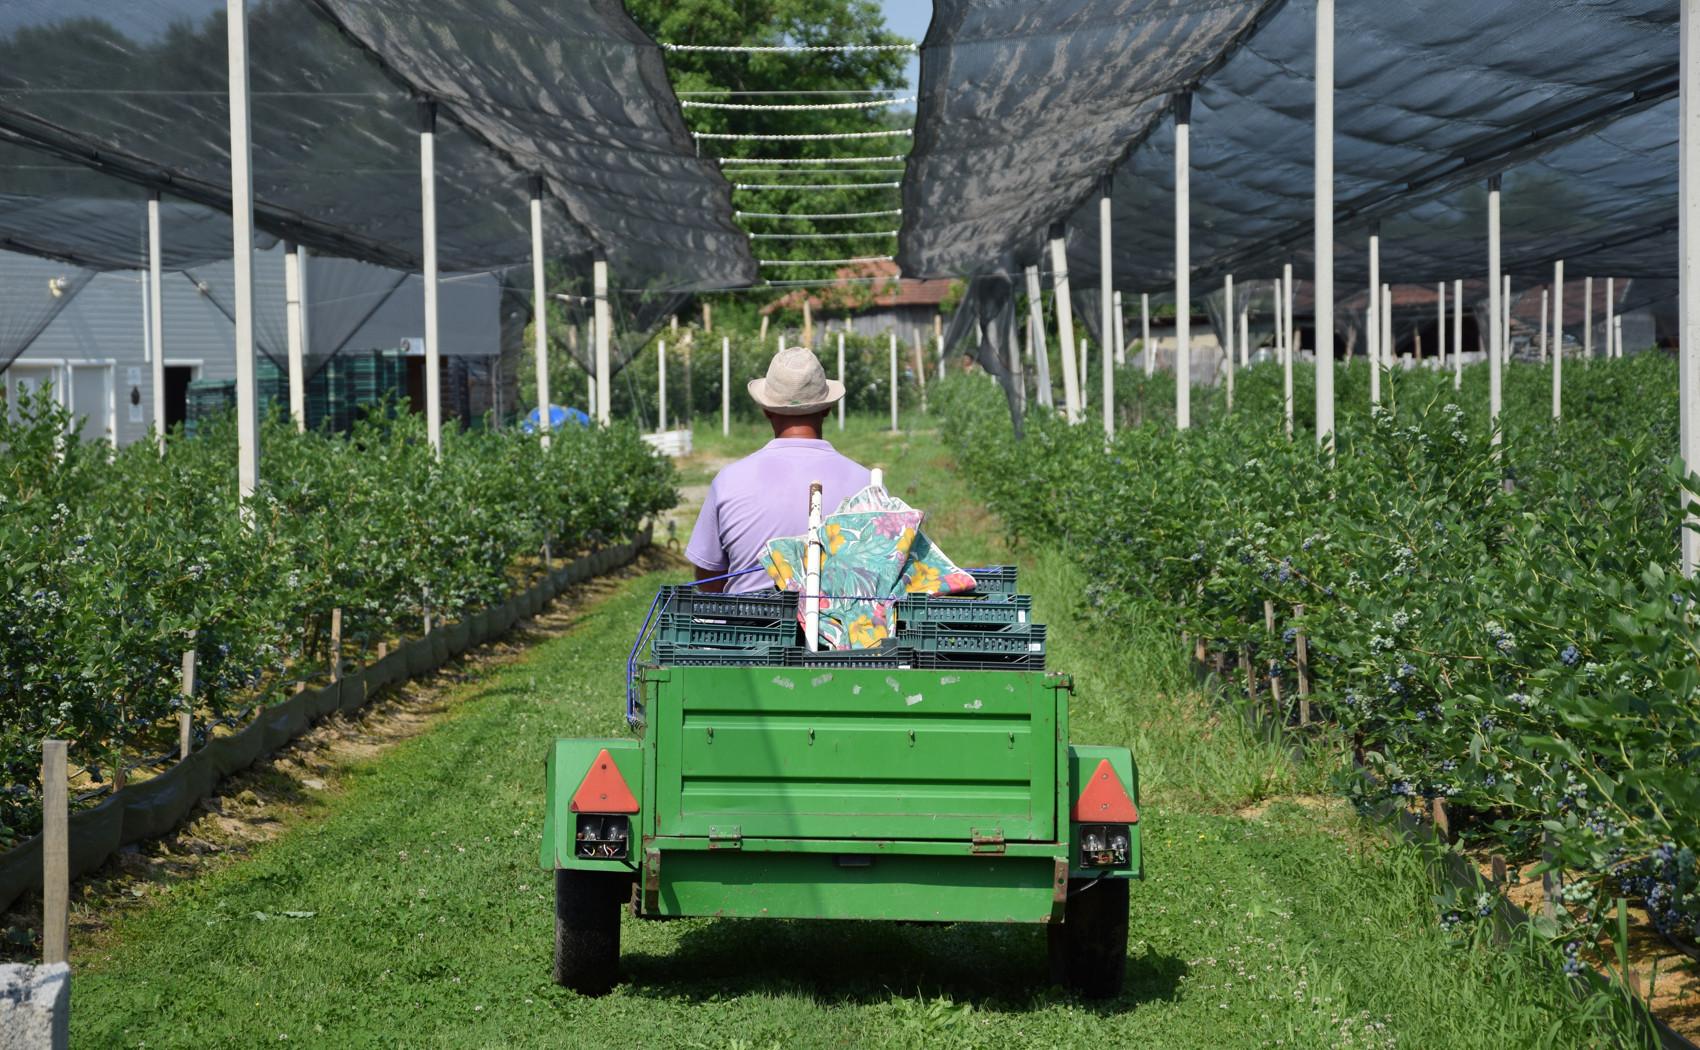 traktor vuce prikolicu sa gajbama zrele borovnice